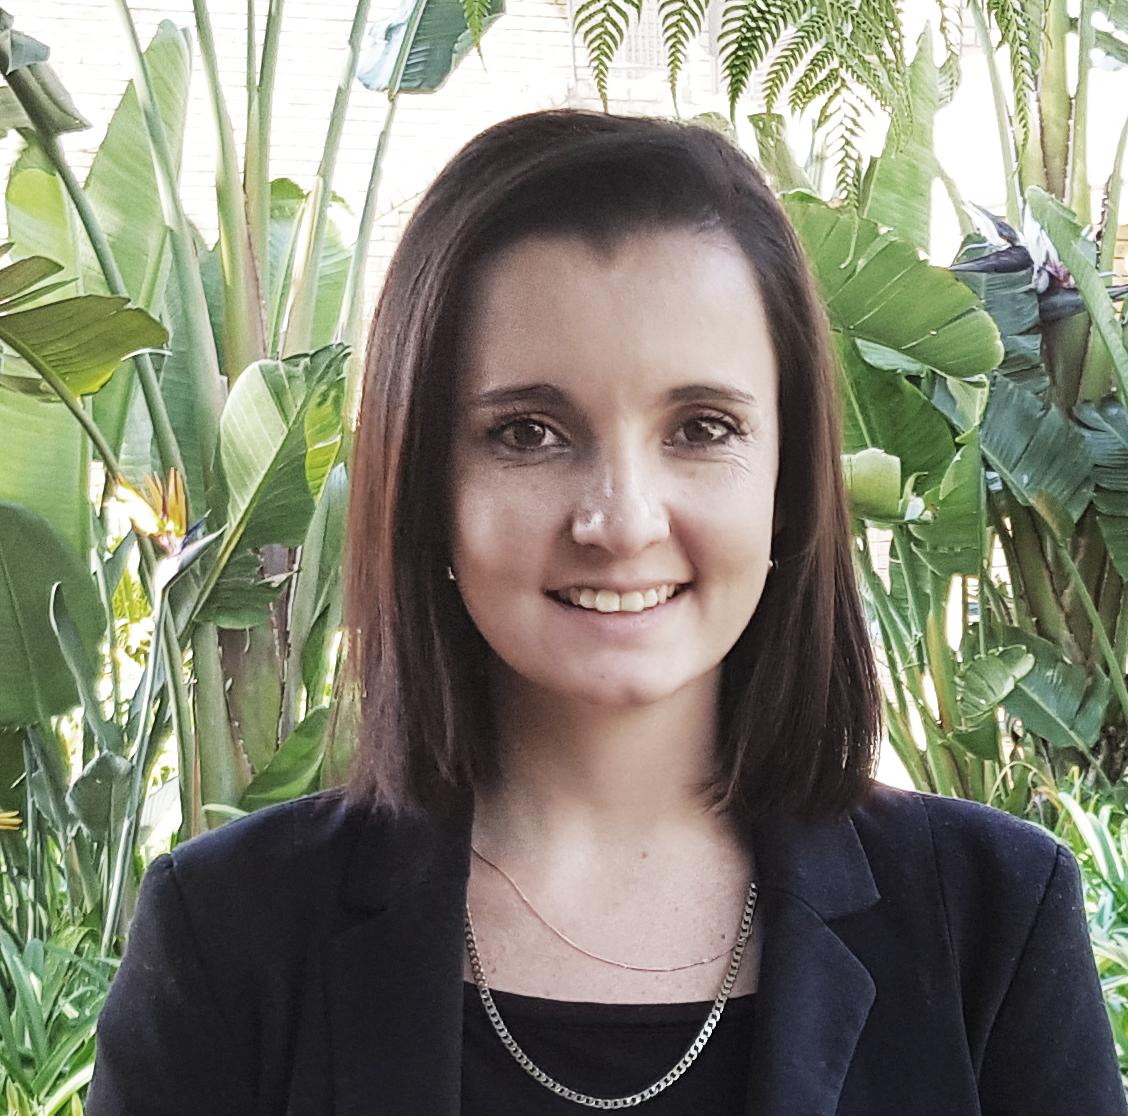 Elzahné Botha